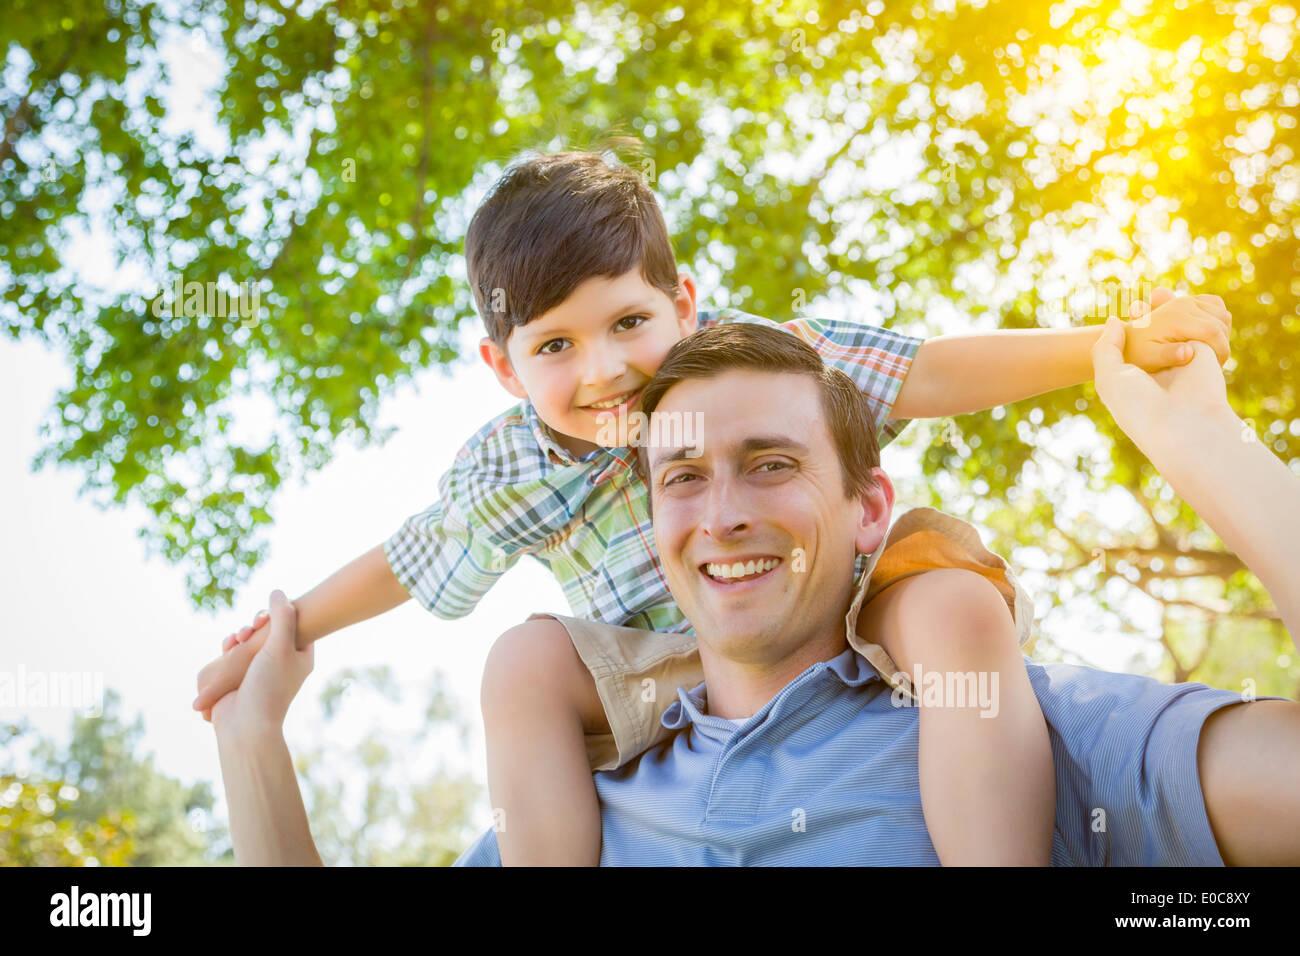 Razza mista padre e figlio giocando Piggyback insieme nel parco. Immagini Stock